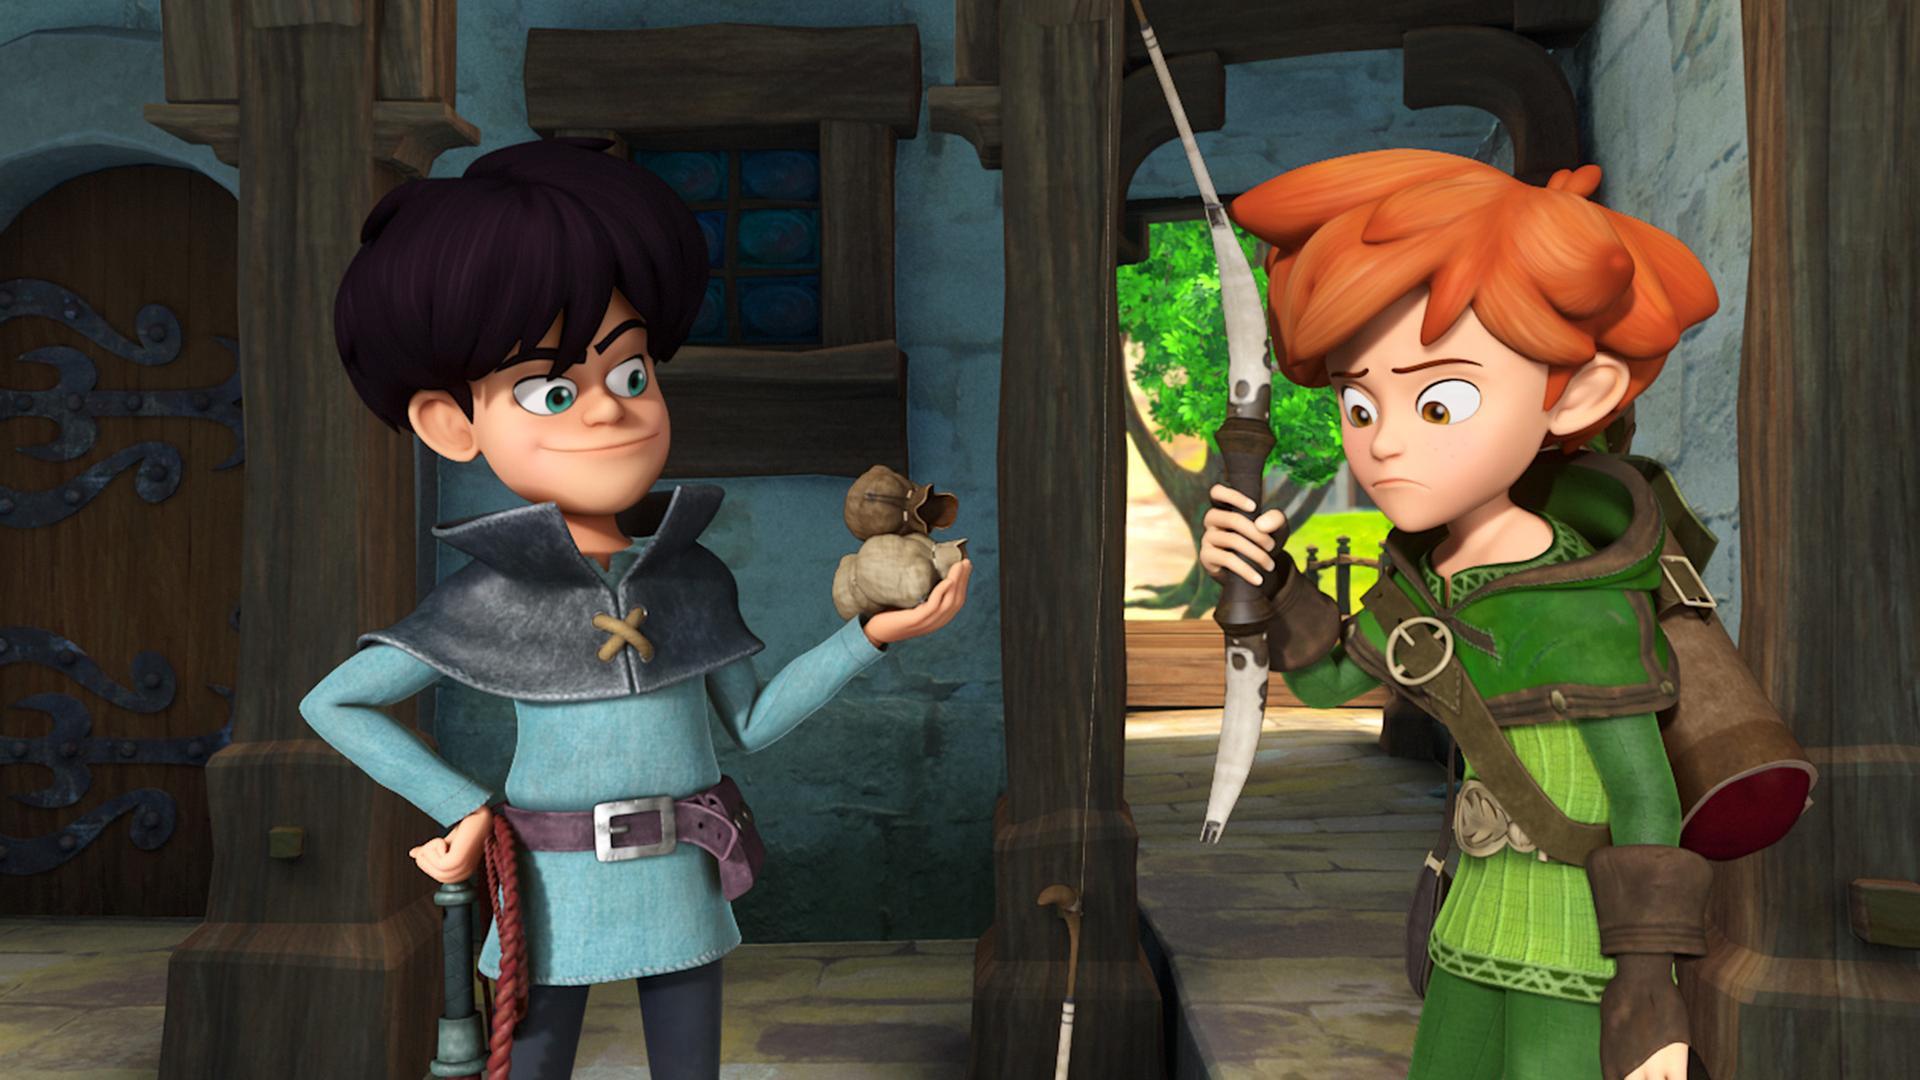 Robin Hood Kika Youtube Das Beste Von Sendungen Der Letzten 7 Tage Zdfmediathek Bilder